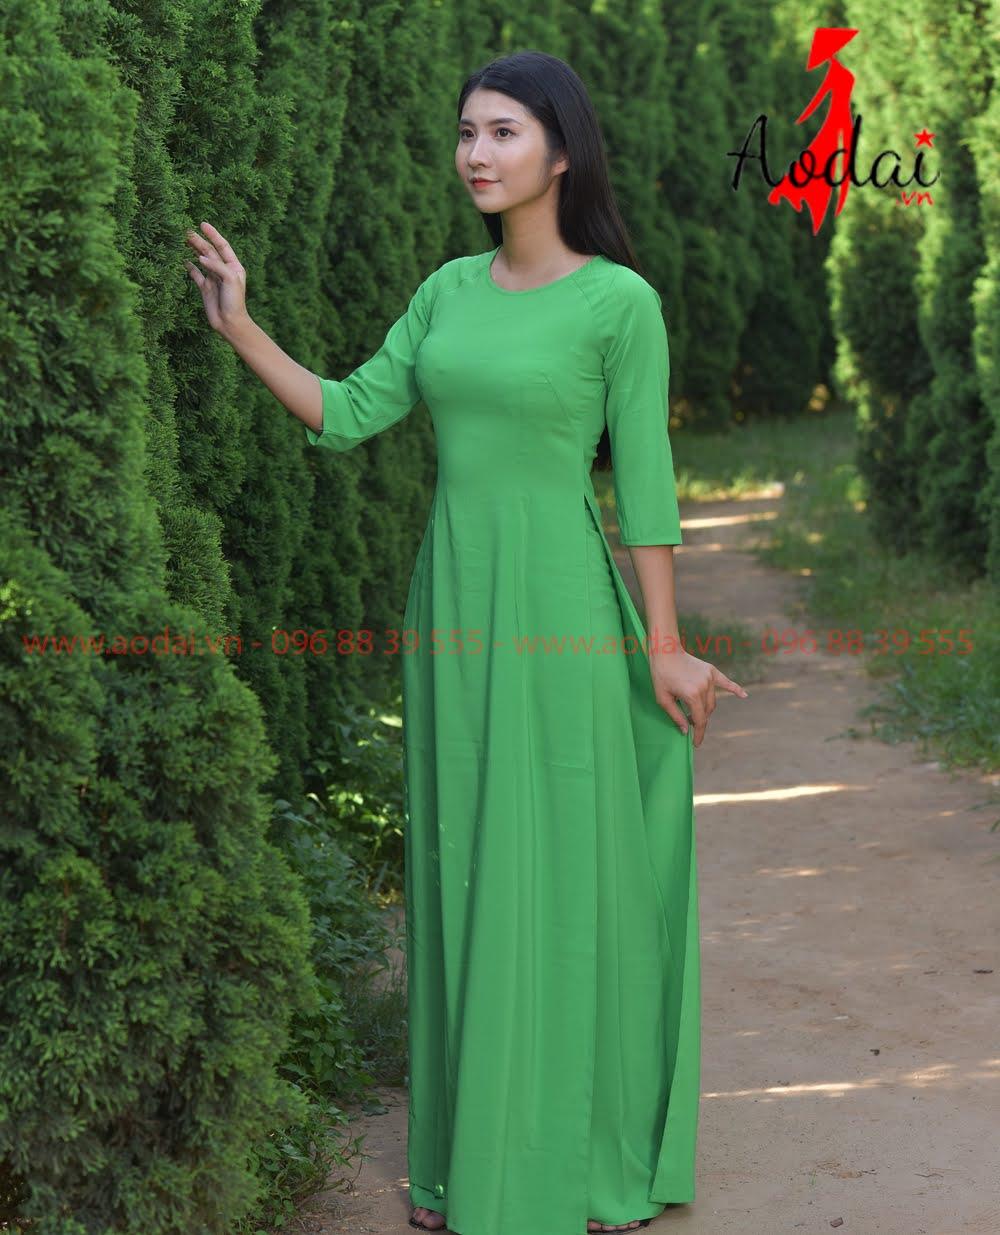 May áo dài tại Phú Xuyên